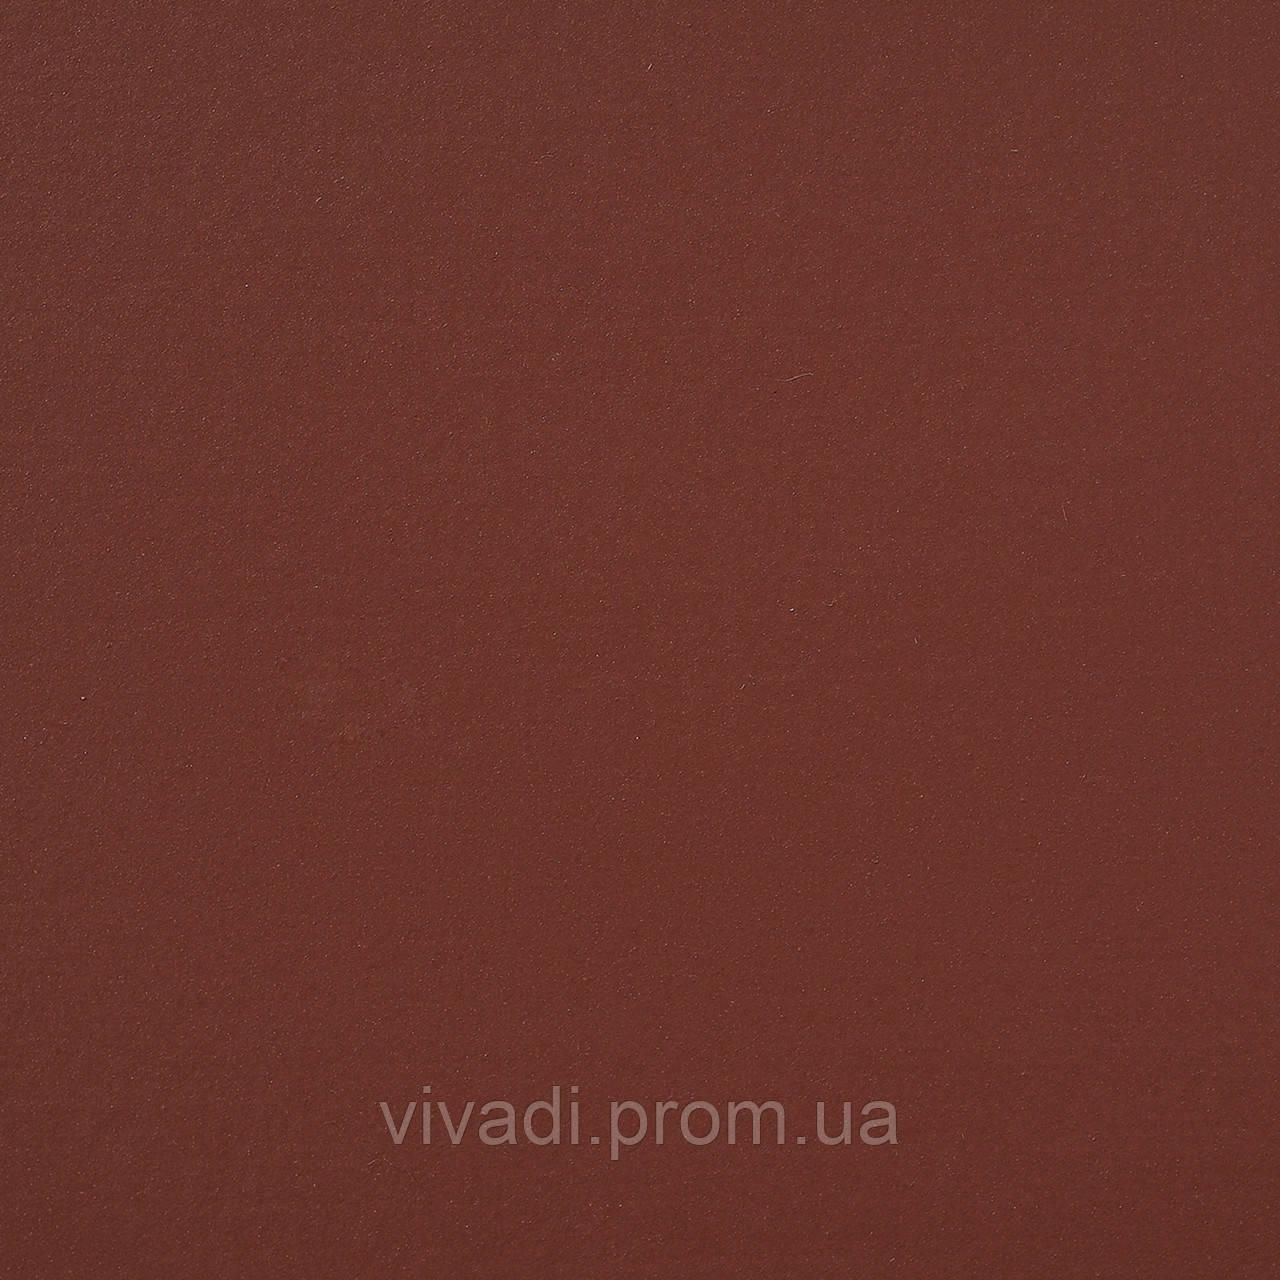 Натуральний лінолеум Uni Walton LPX - колір 101-088